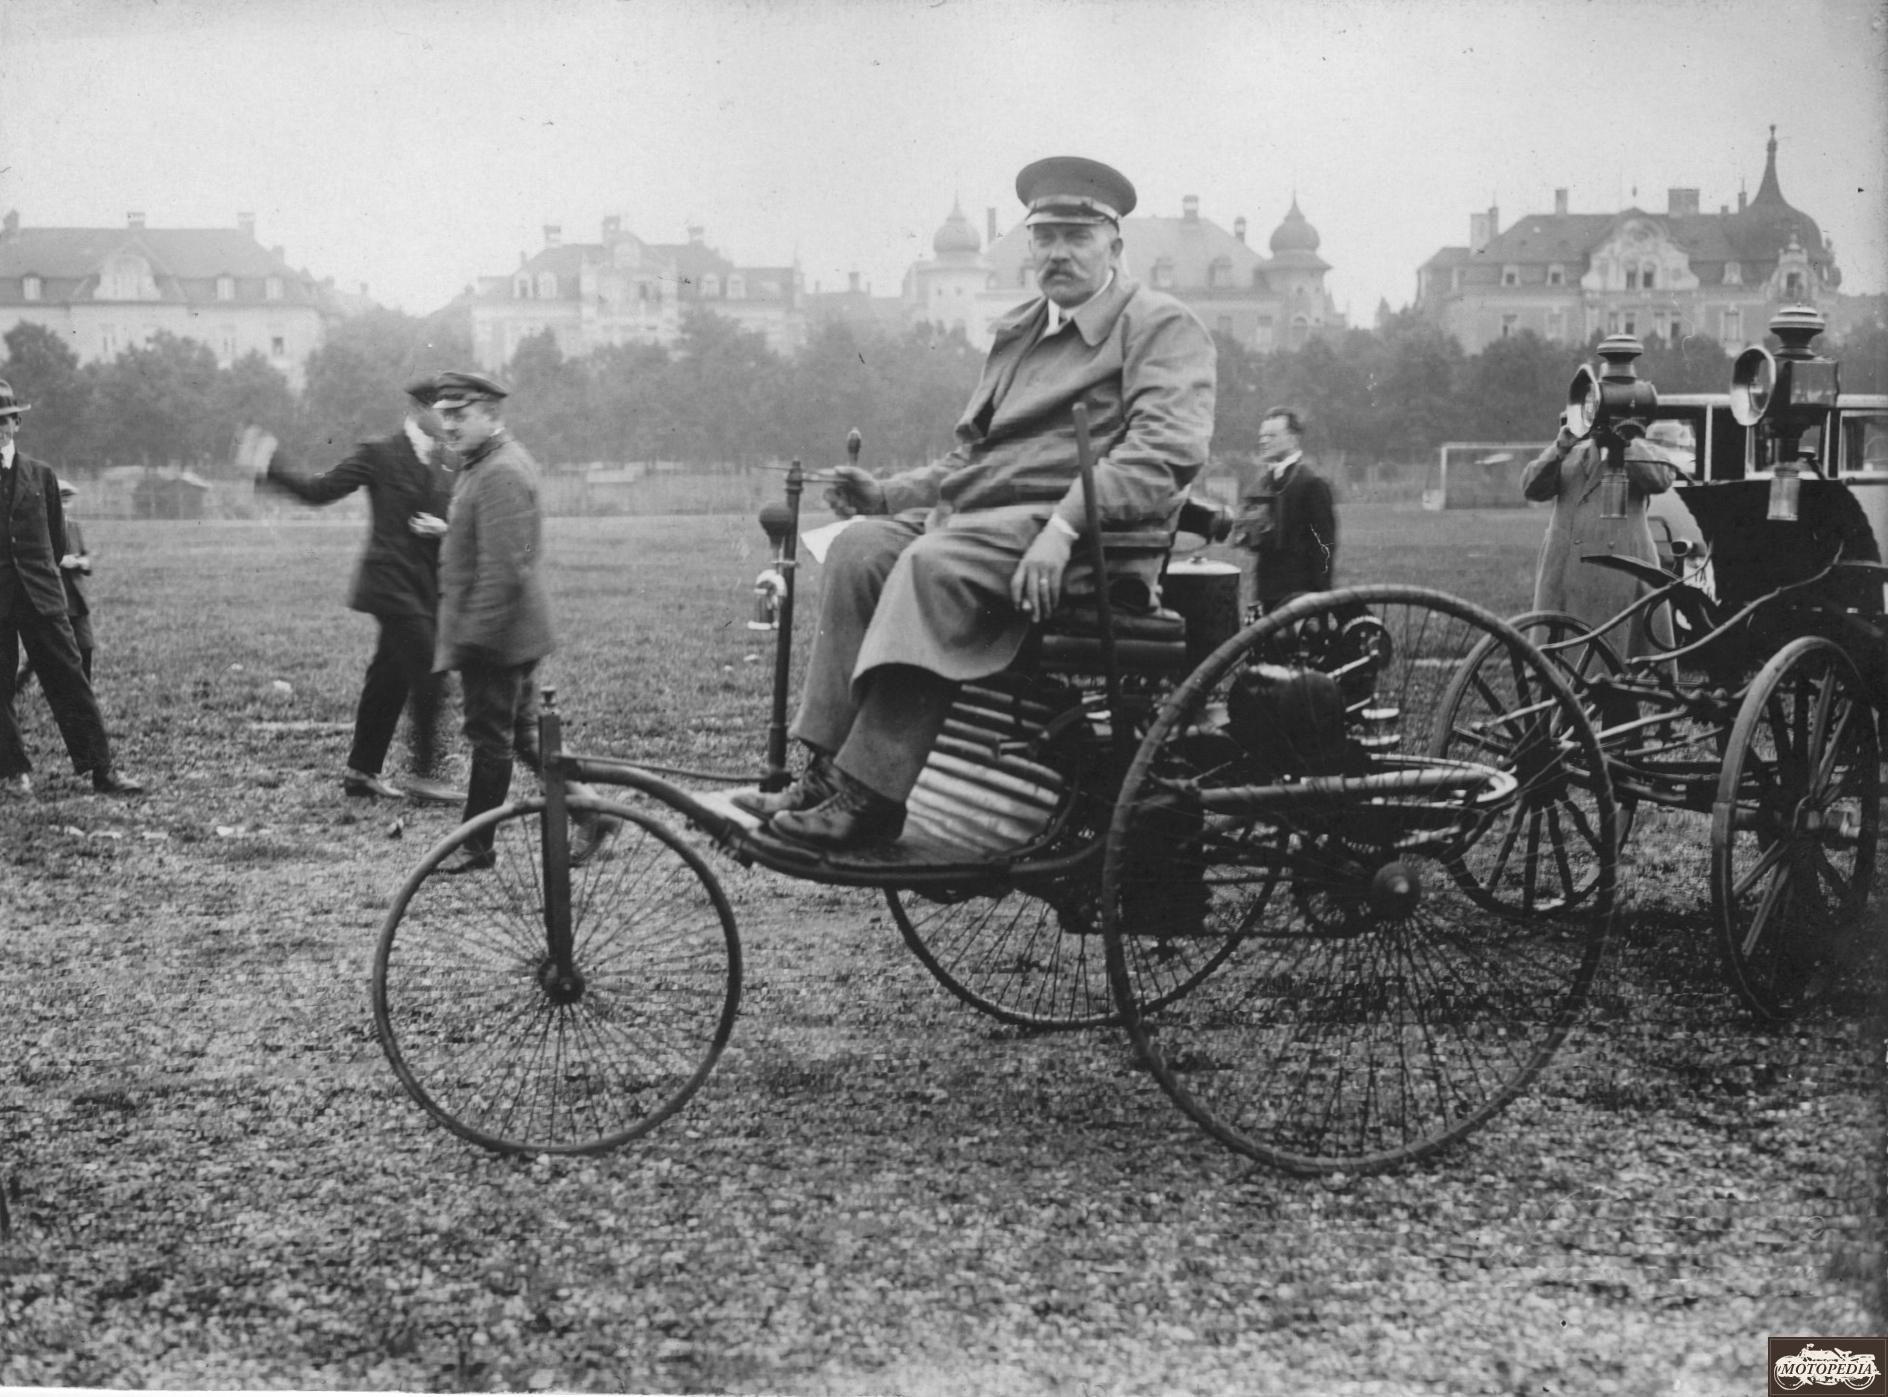 Benz Motorwagen, 1,5 PS, Einzylinder-Viertaktmotor, 1888